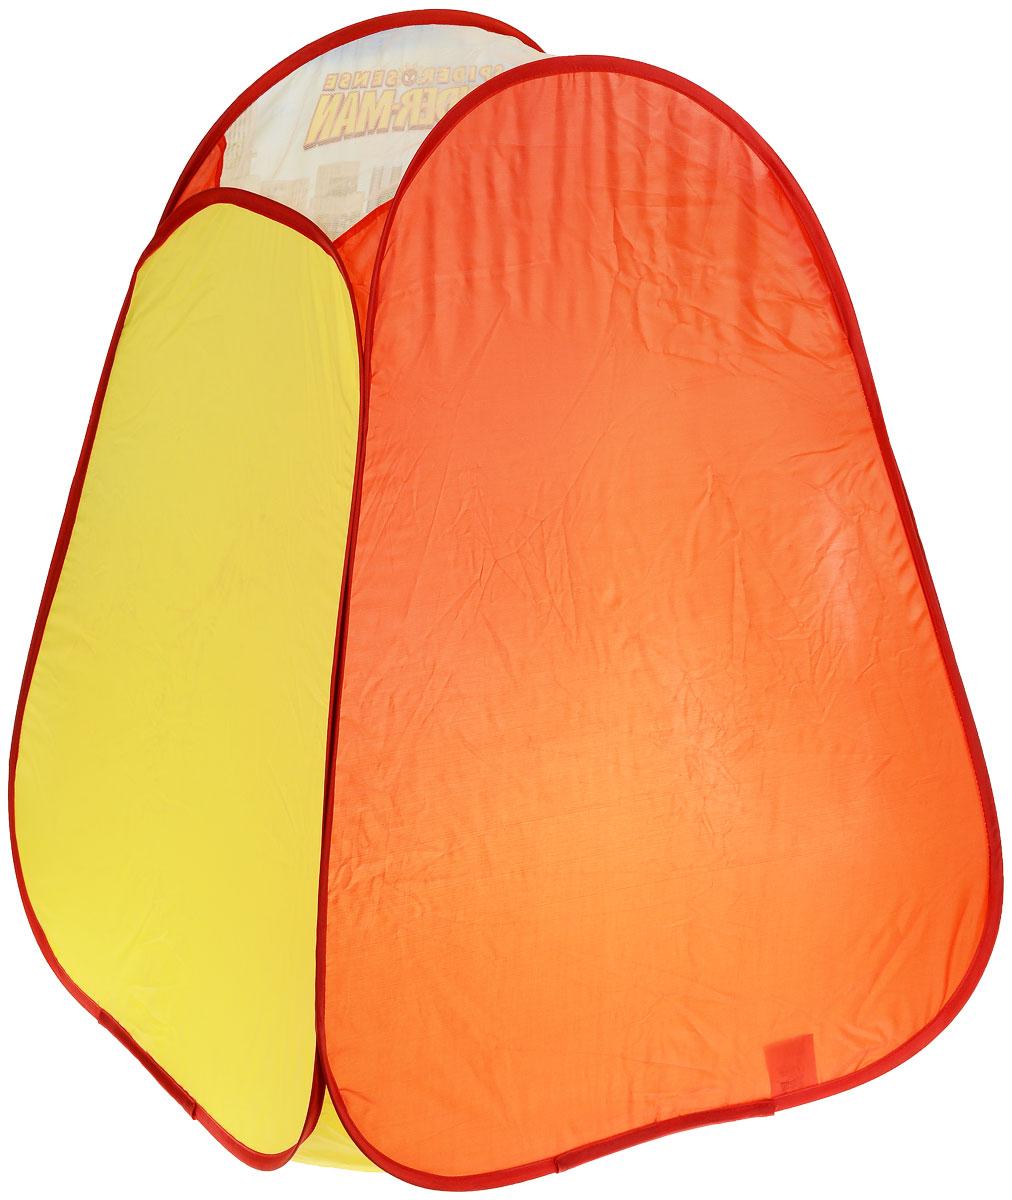 """John Детская игровая палатка """"Человек-Паук"""", 75 см х 75 см х 90 см - 2"""